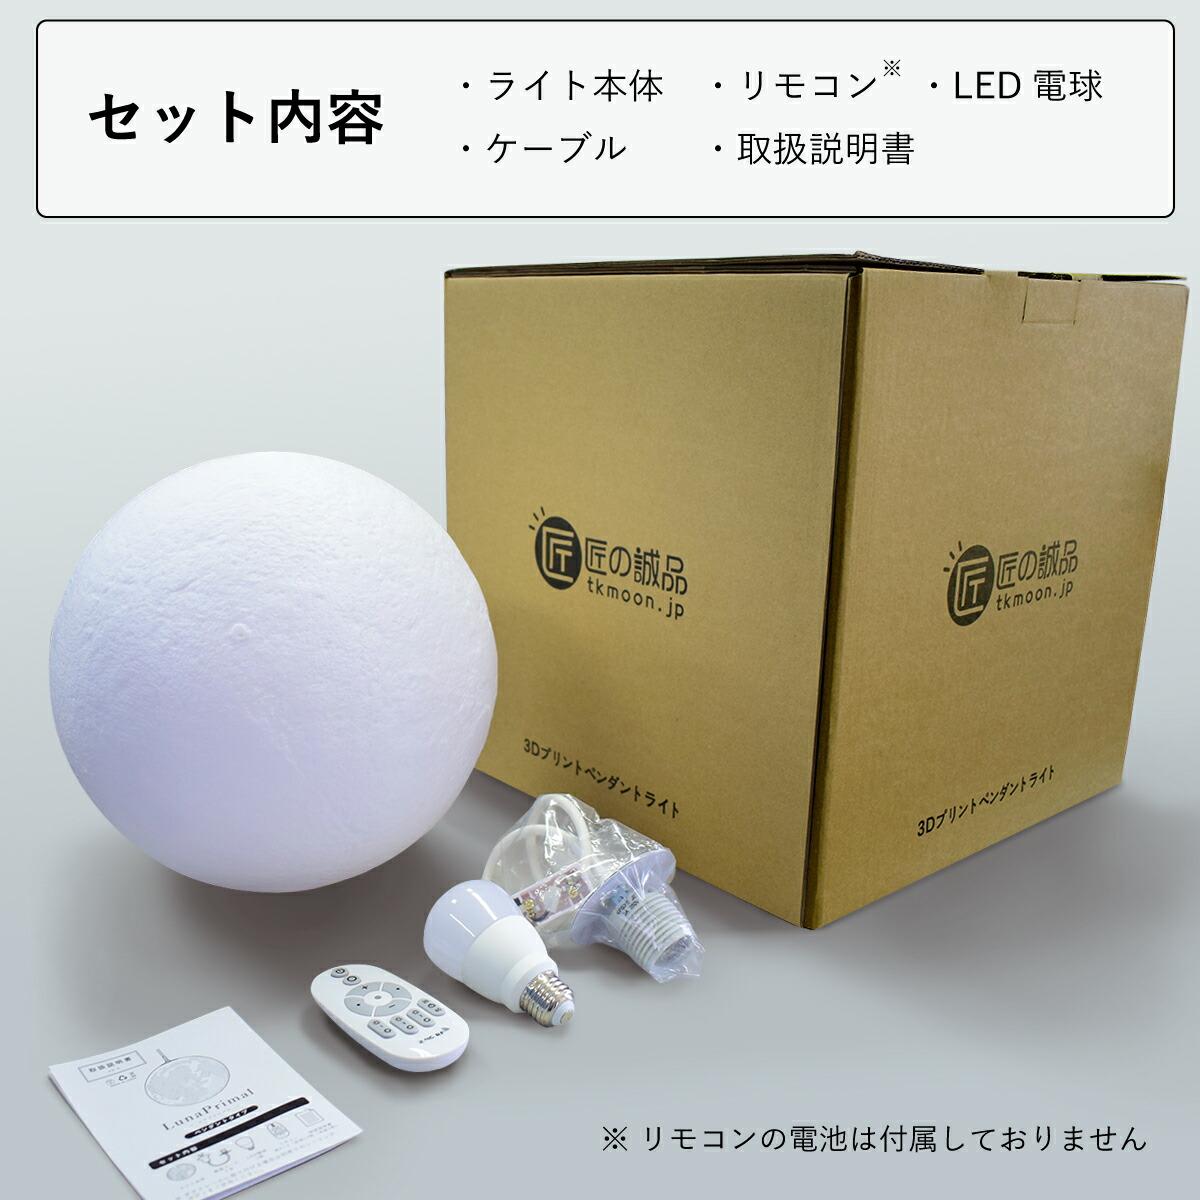 セット内容は、ライト本体、LED電球、リモコン、ケーブル、取扱説明書